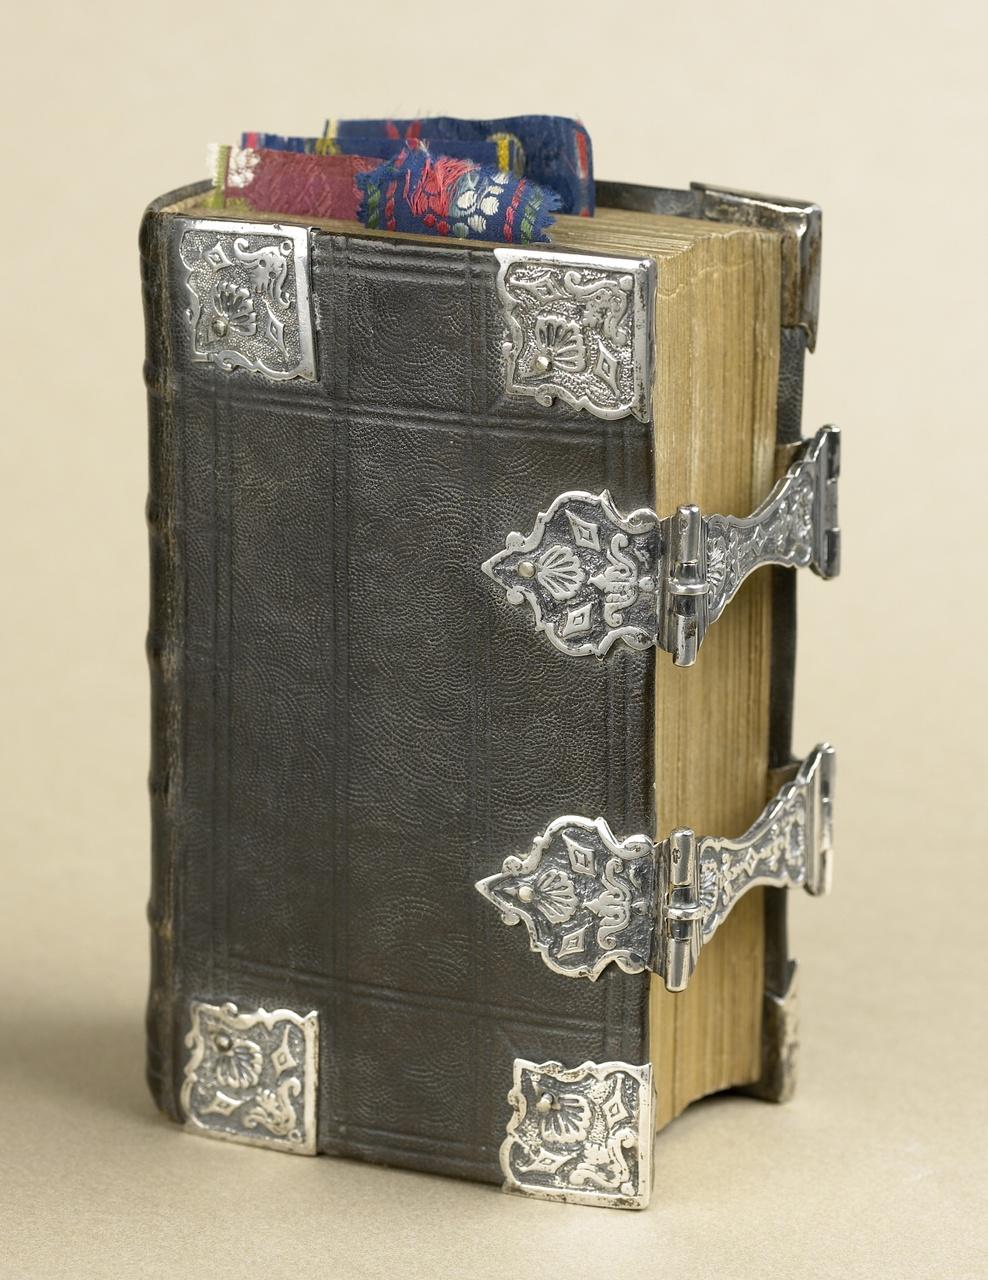 Kerkboek met zilverbeslag op leren omslag gegraveerd